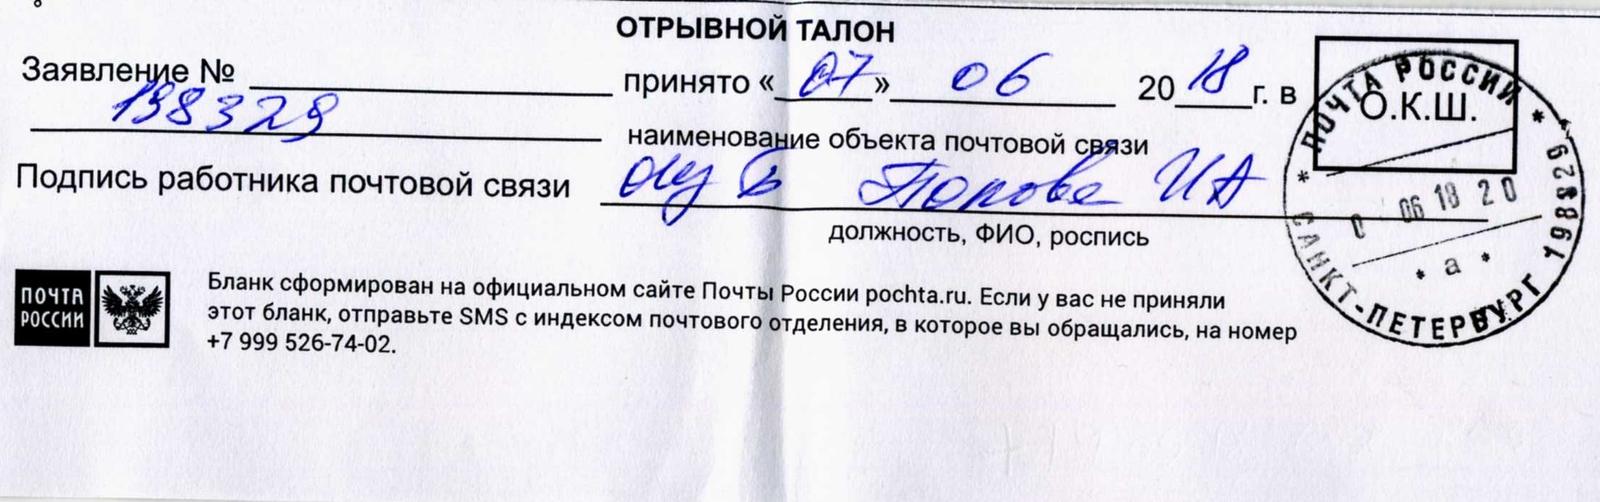 Почта россии оформление кредита